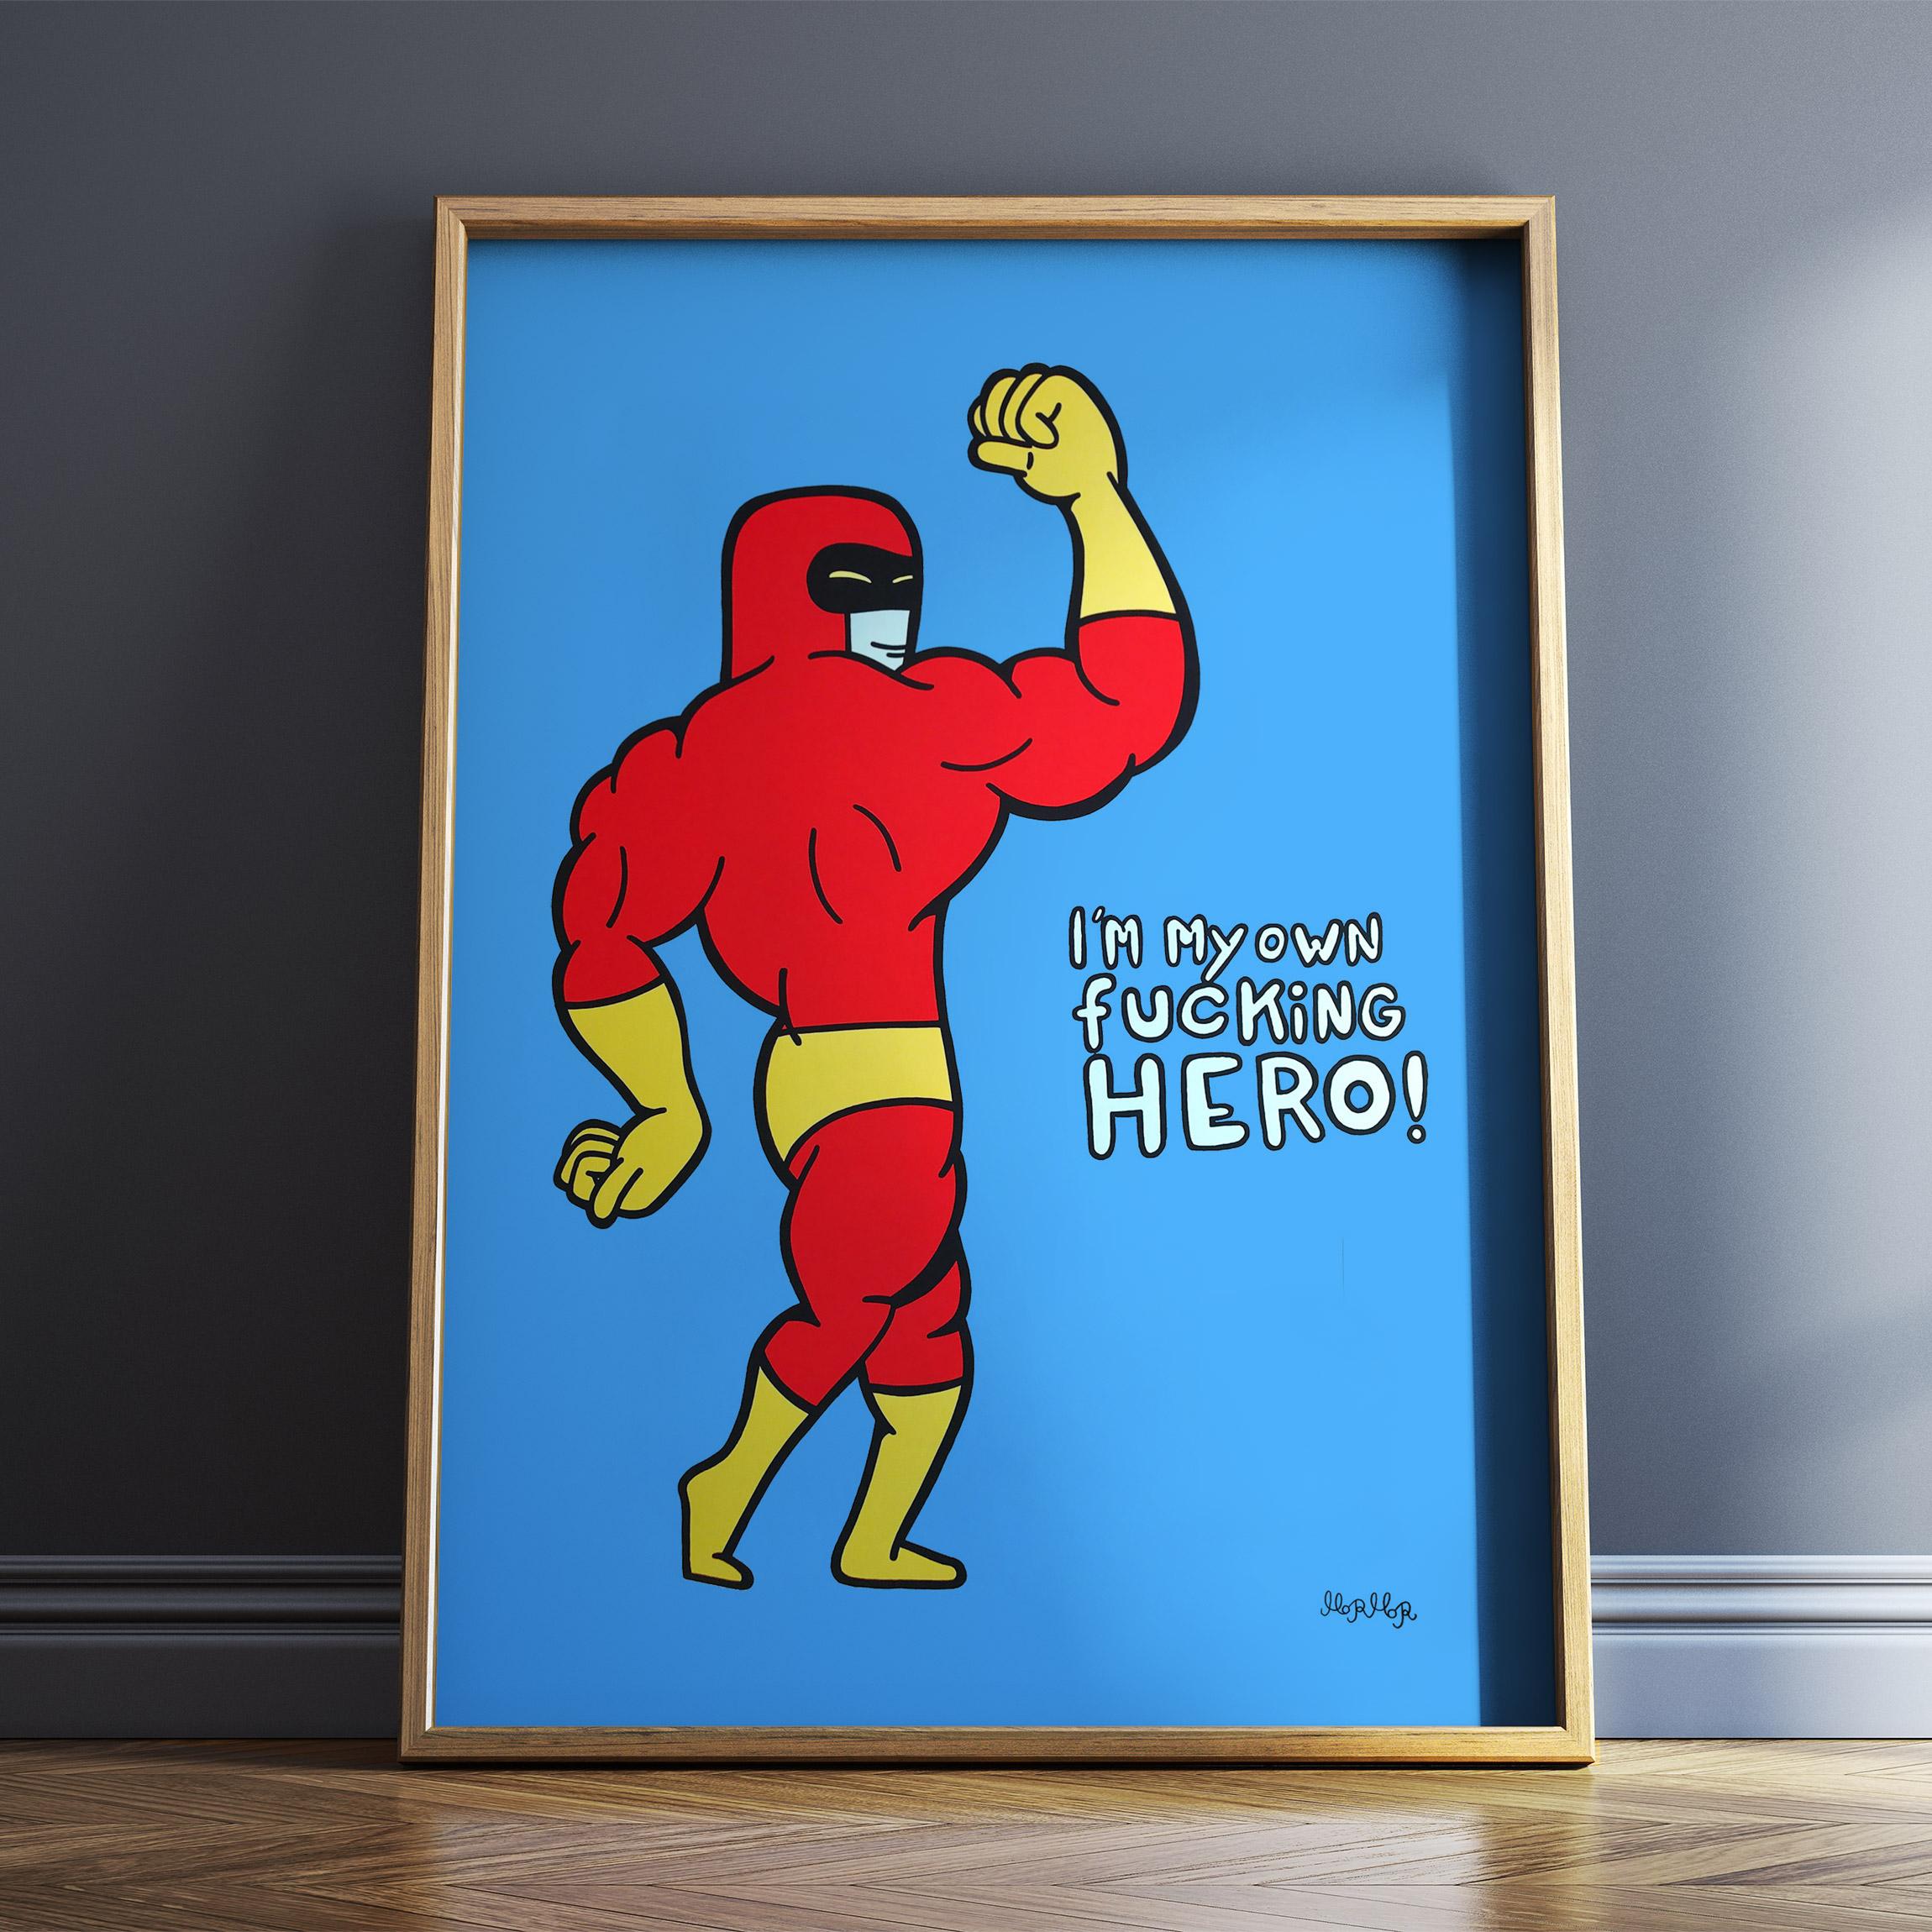 kunsttryk, gicleé, farverige, børnevenlige, grafiske, pop, kroppe, tegneserier, blå, røde, gule, blæk, papir, sjove, samtidskunst, københavn, dansk, dekorative, design, interiør, bolig-indretning, moderne, moderne-kunst, nordisk, skandinavisk, street-art, teenage, Køb original kunst og kunstplakater. Malerier, tegninger, limited edition kunsttryk & plakater af dygtige kunstnere.